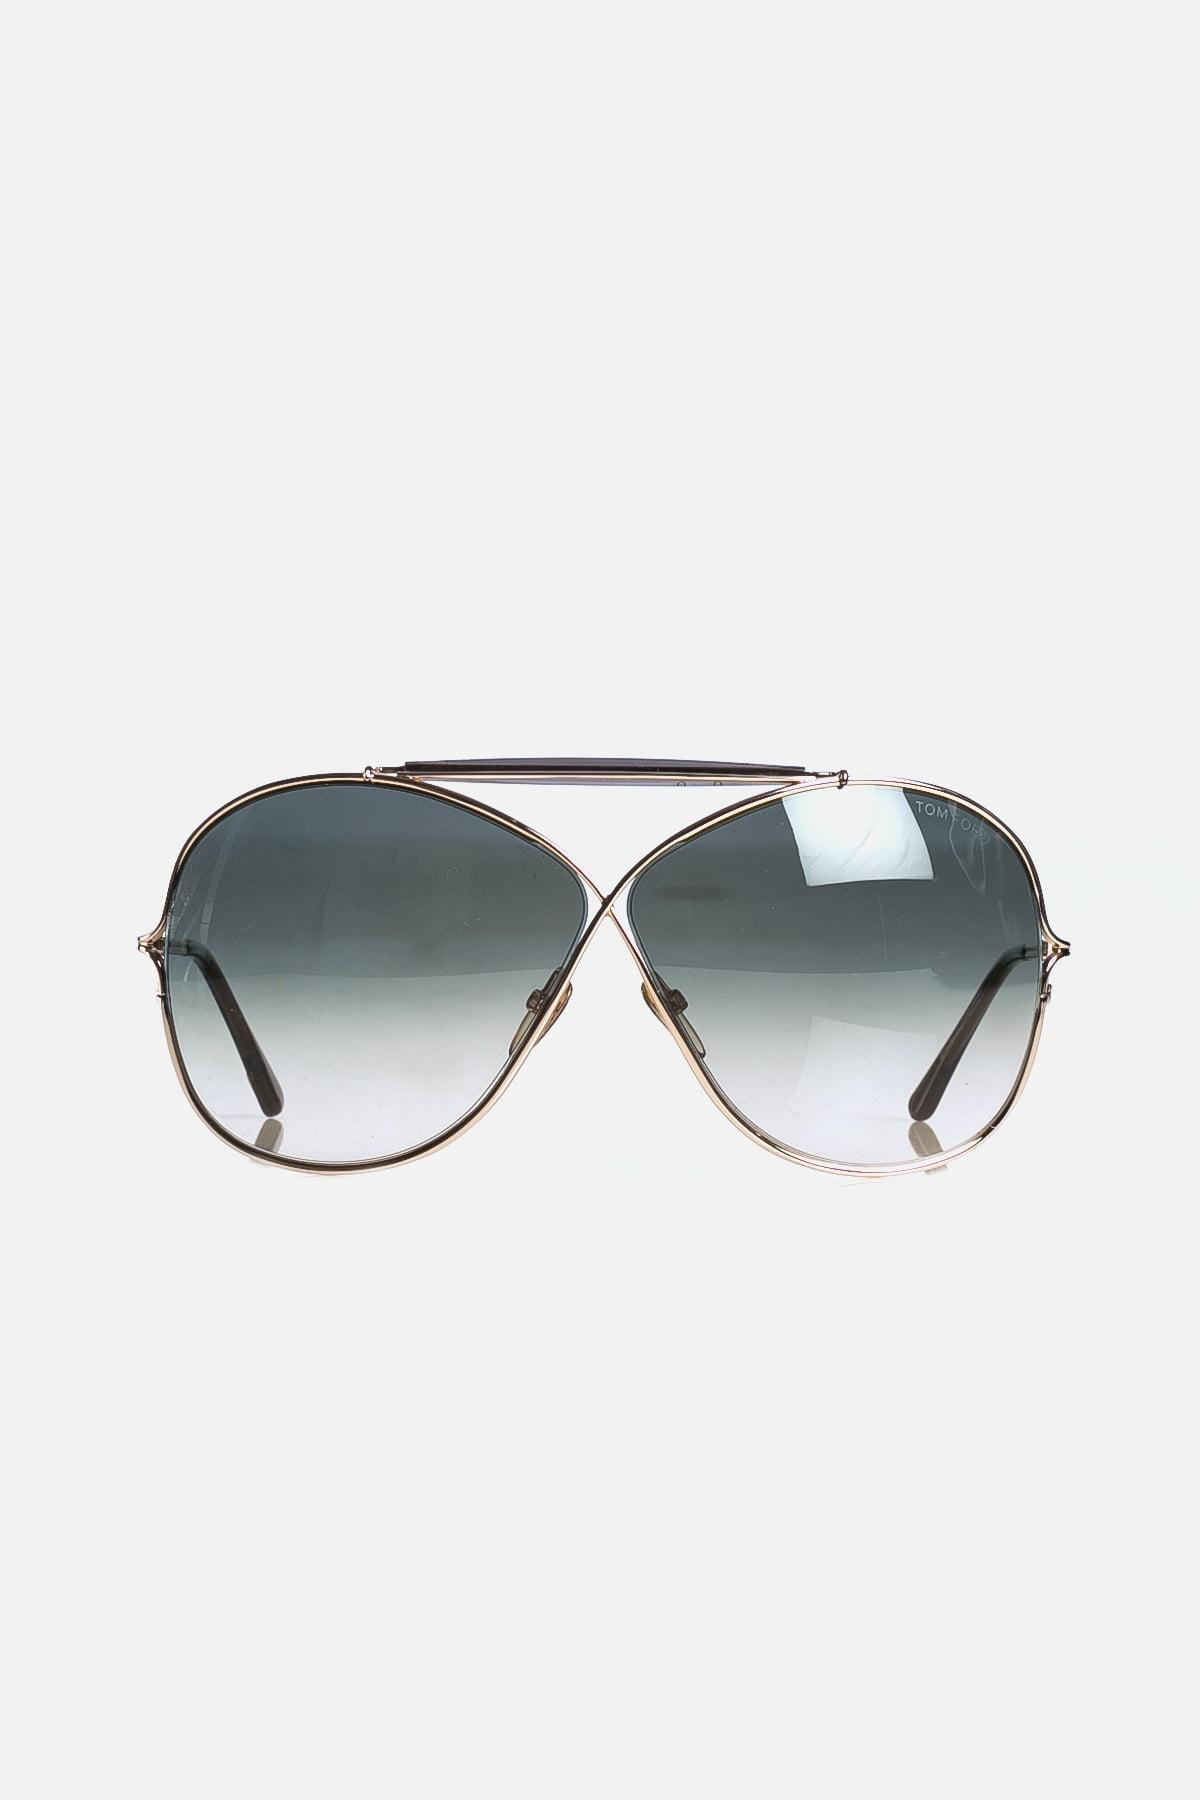 Catherine Aviator Sunglasses